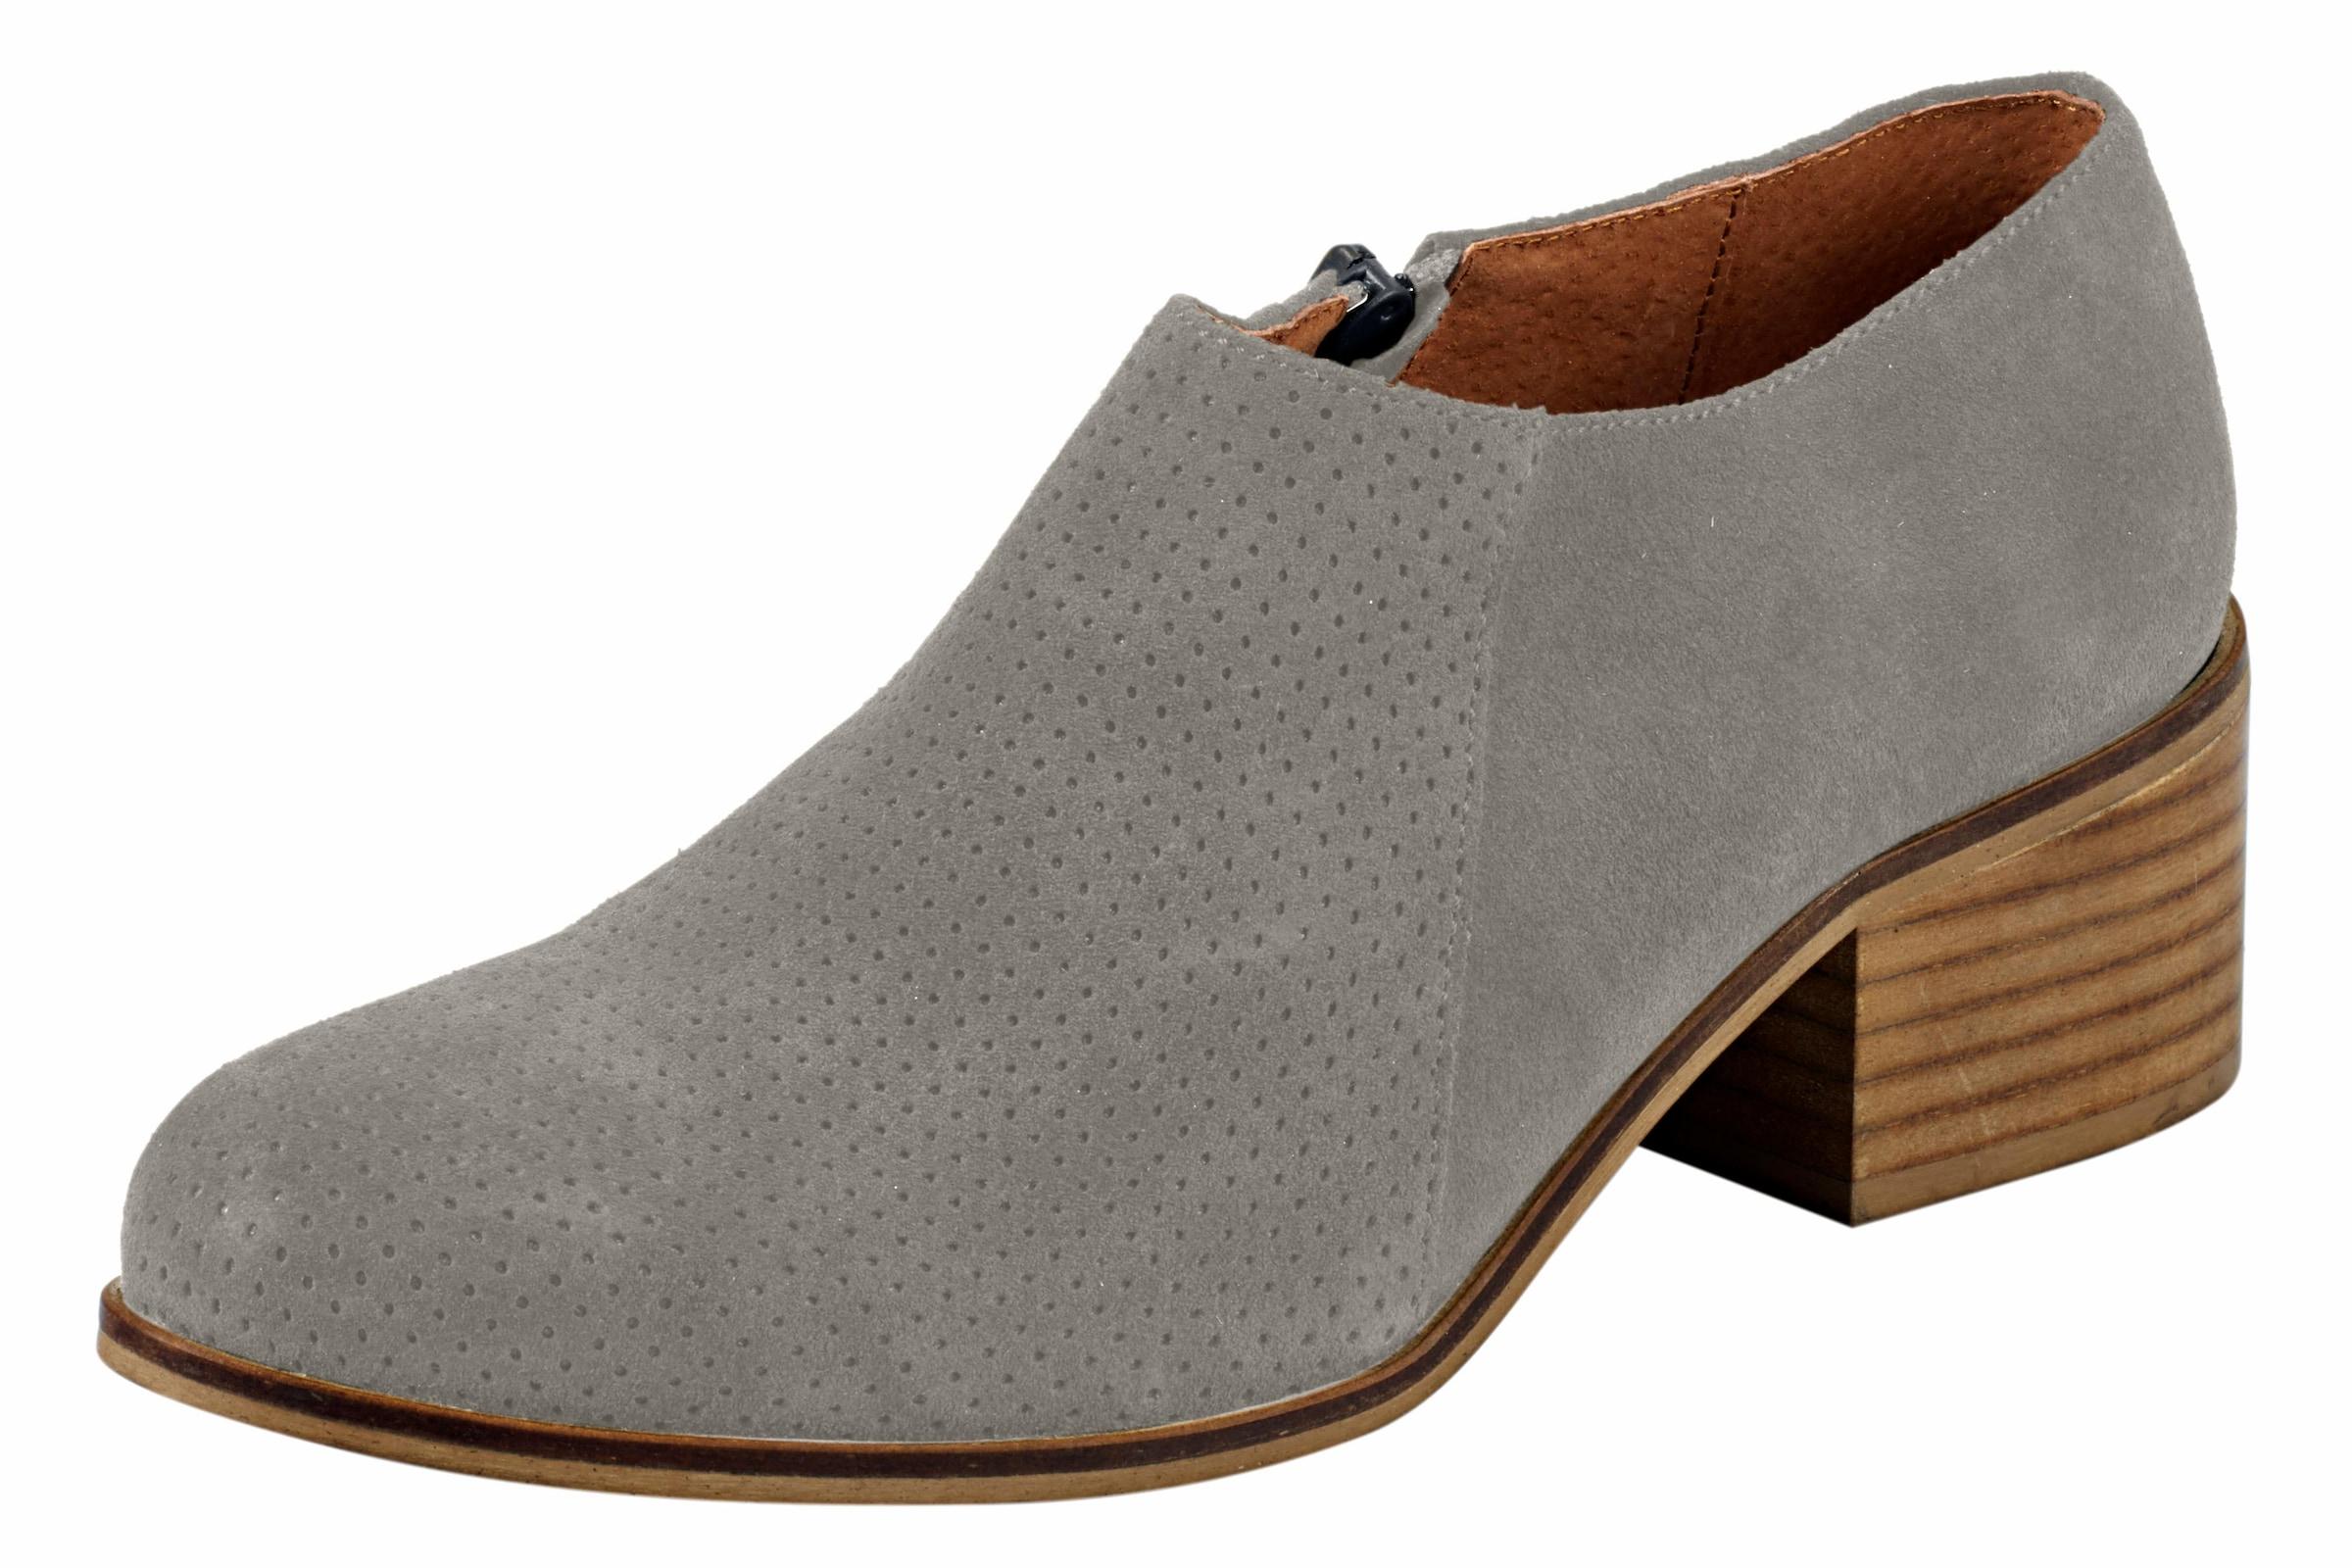 heine Stiefelette aus Veloursleder Günstige und langlebige Schuhe